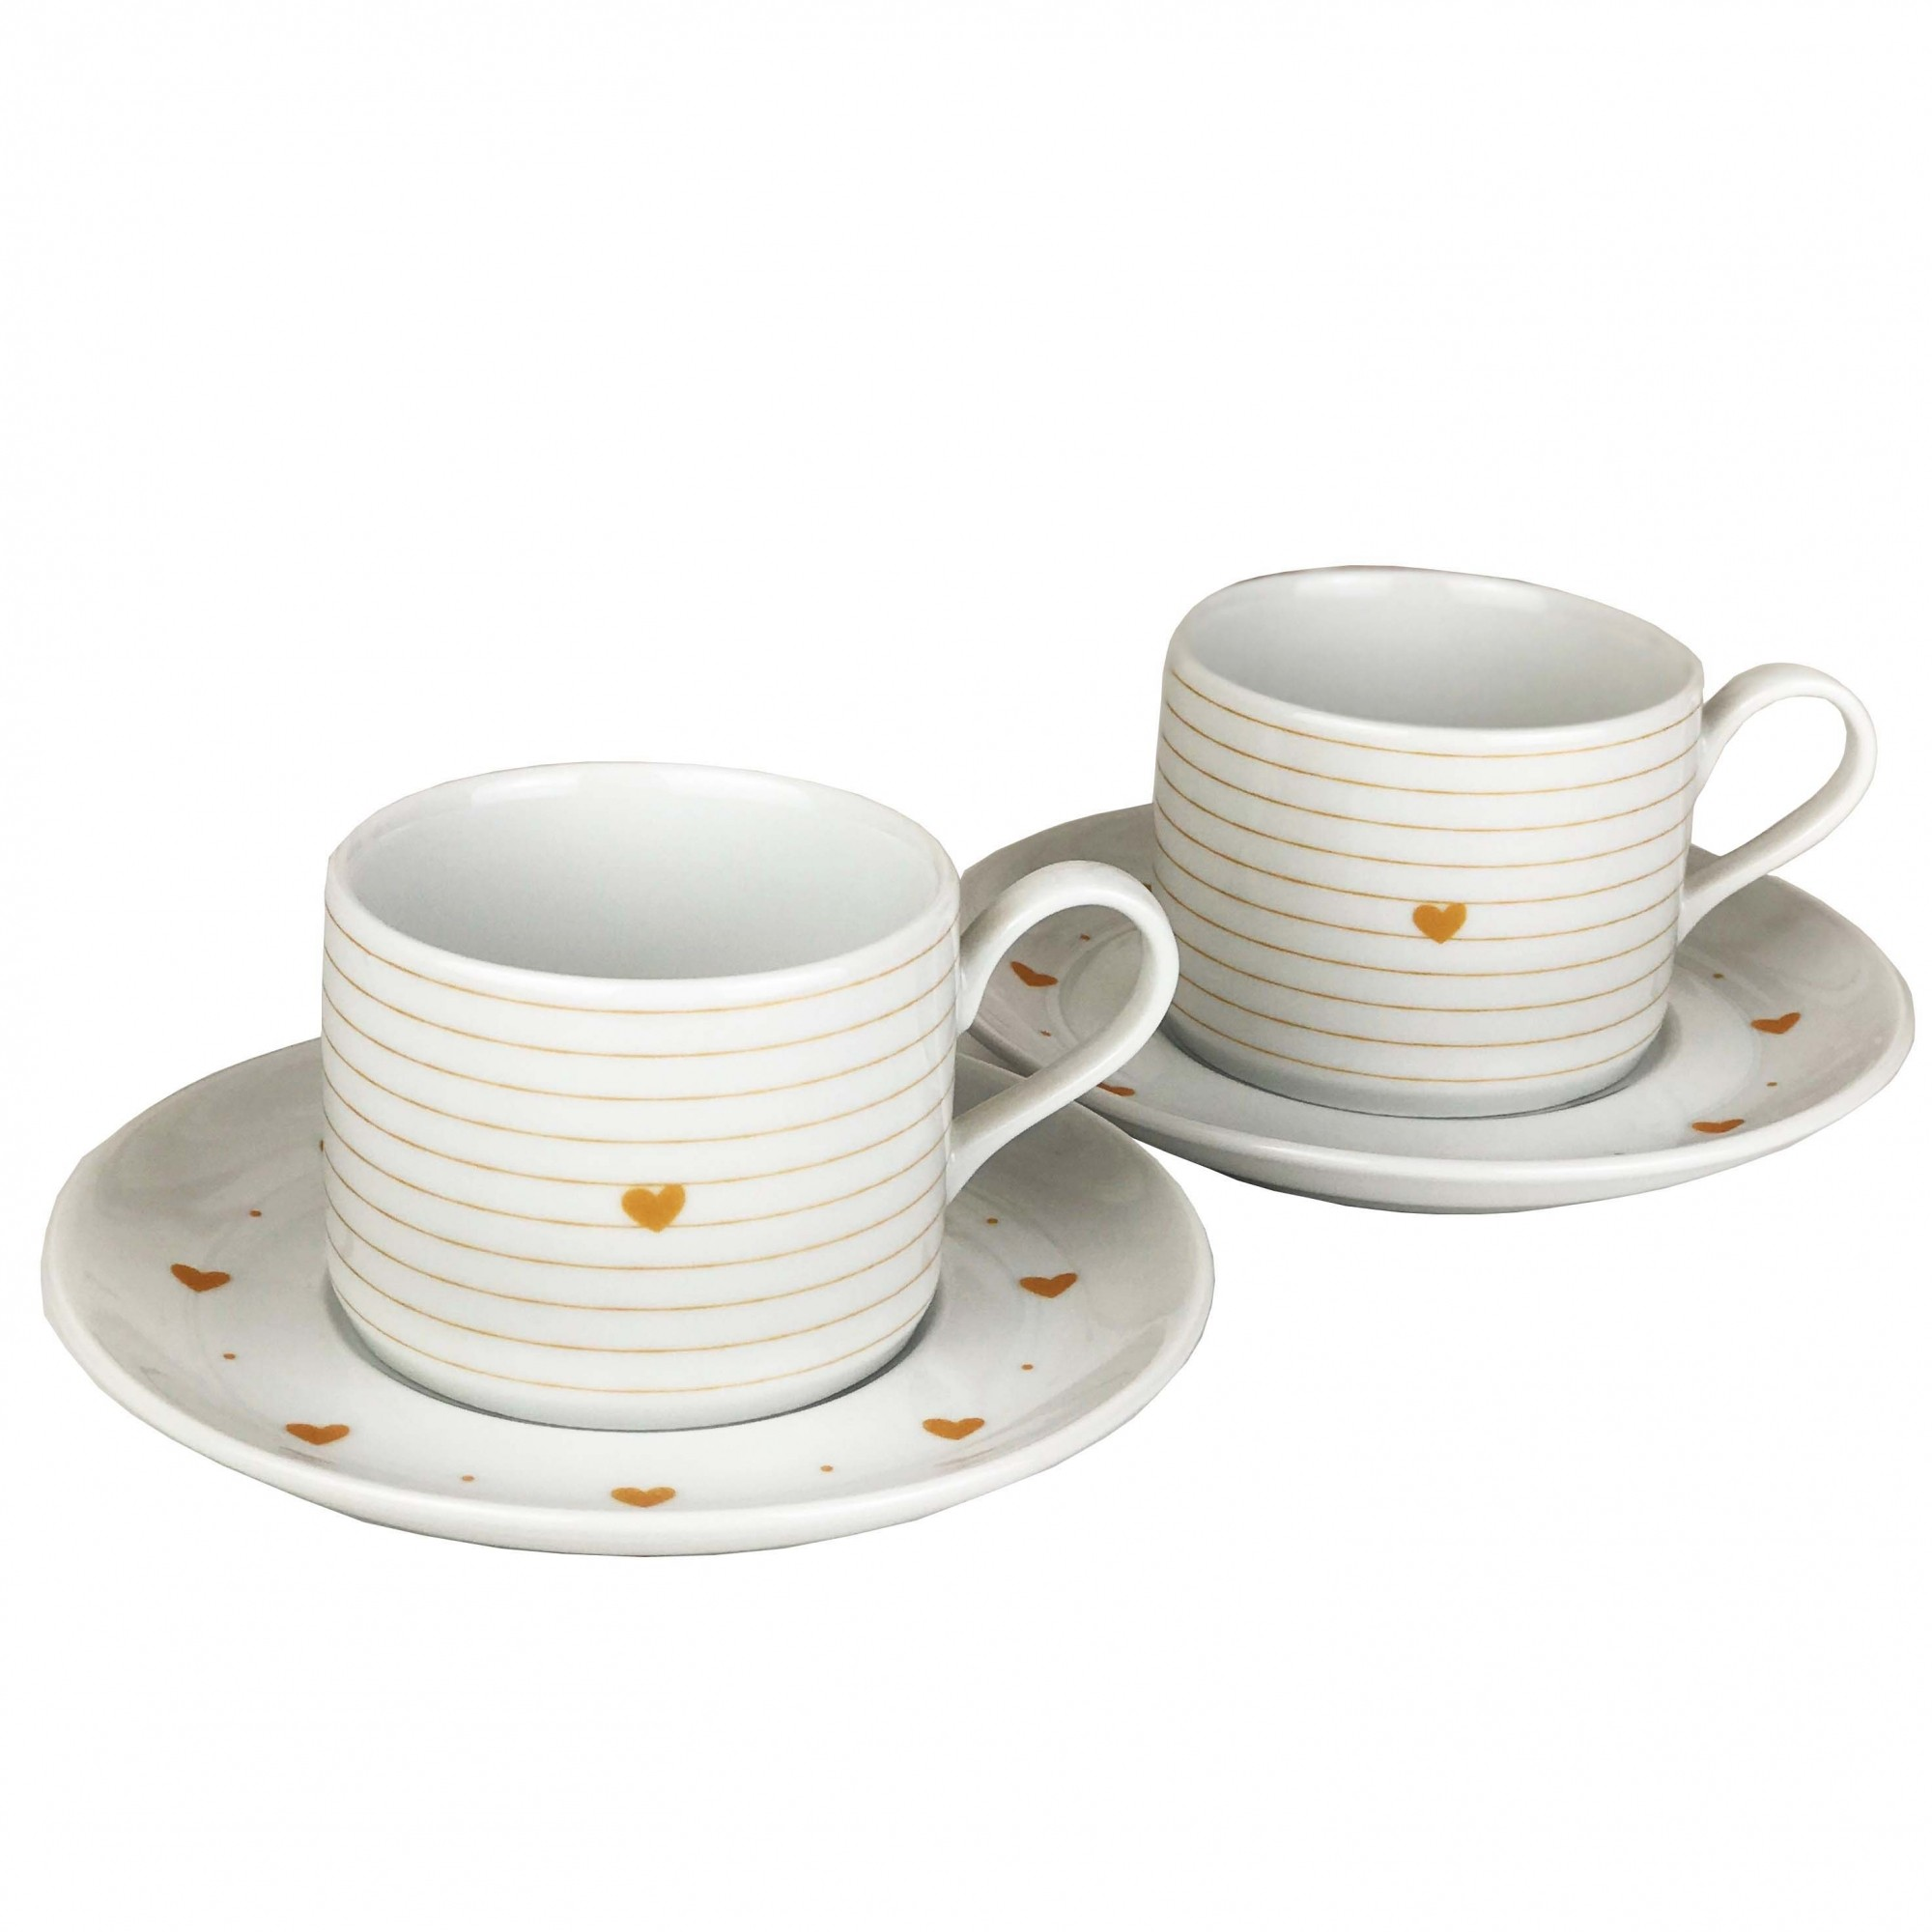 Jogo c/ 2 Xícaras de Chá Golden Mary